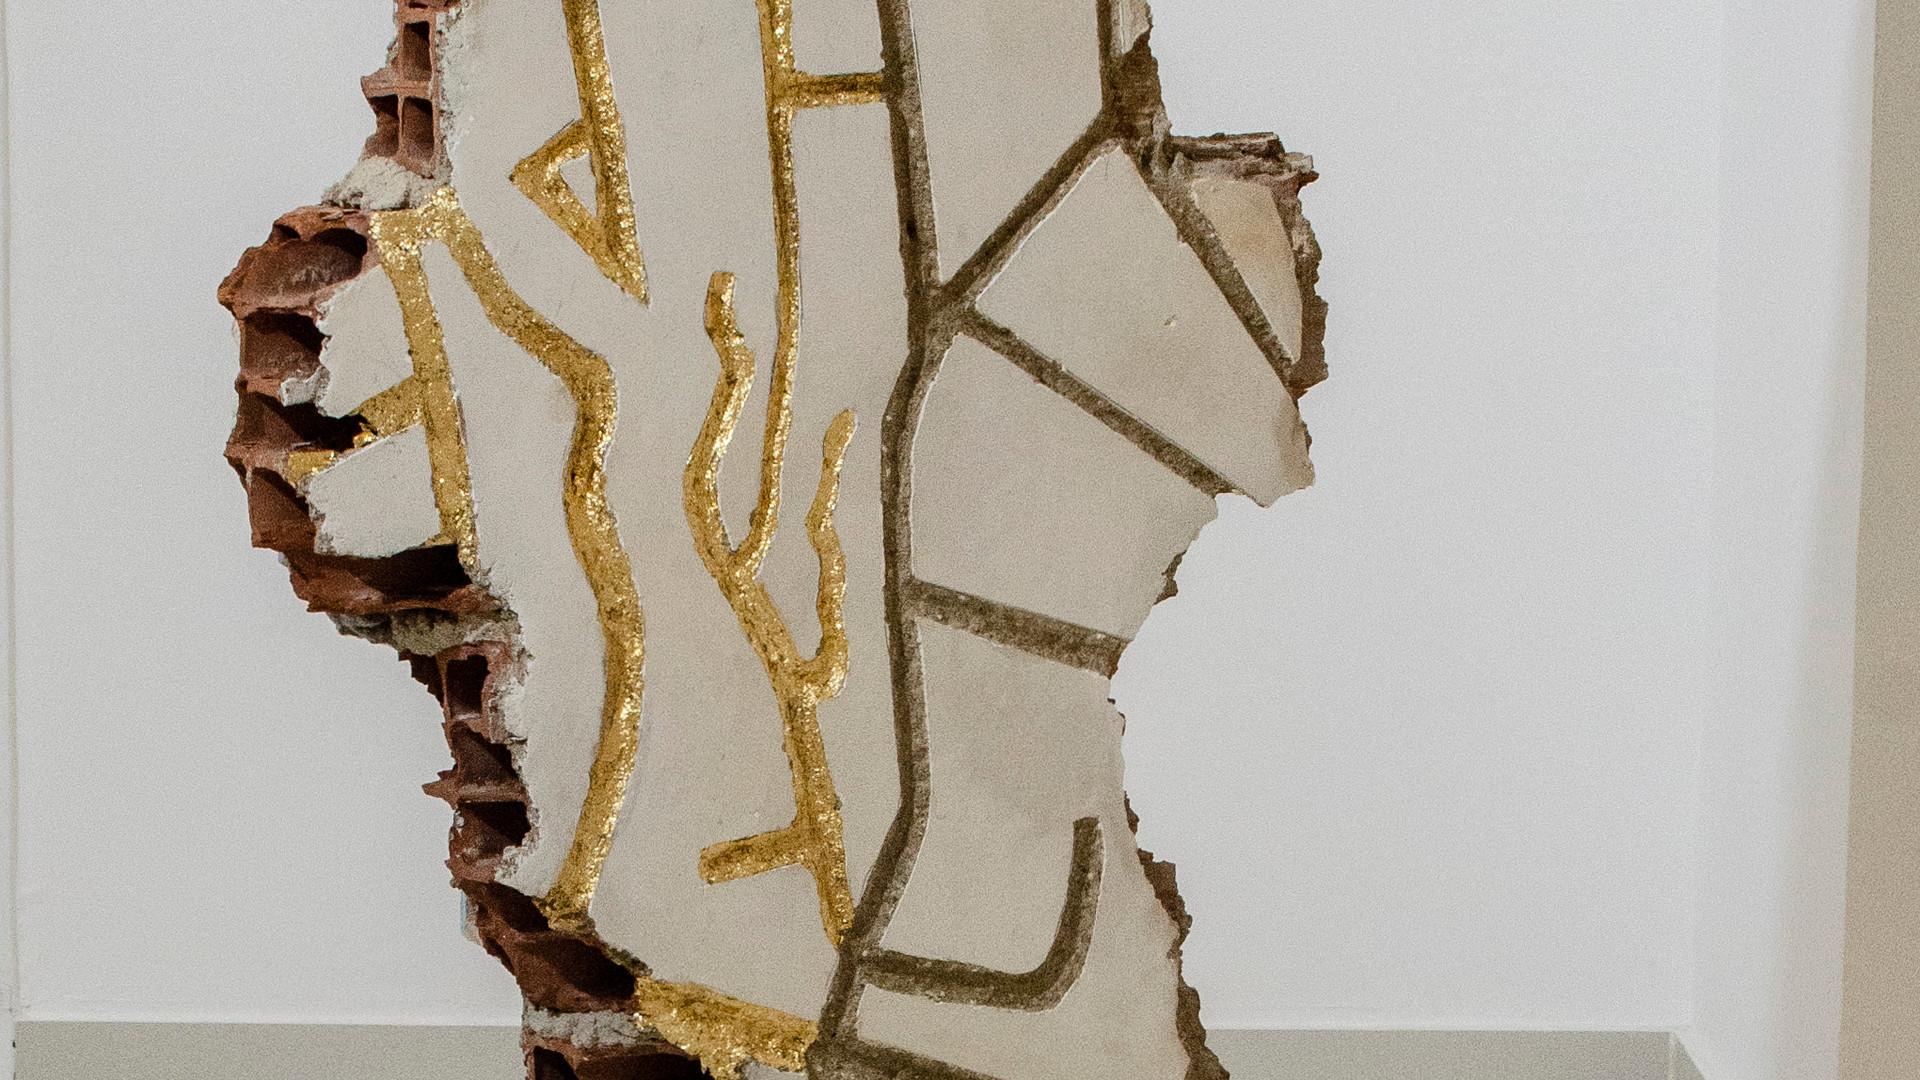 JEANE TERRA O Voyeur do Cais | 2019 Concreto, azulejo e folha de ouro 127 x 62 x 12 cm